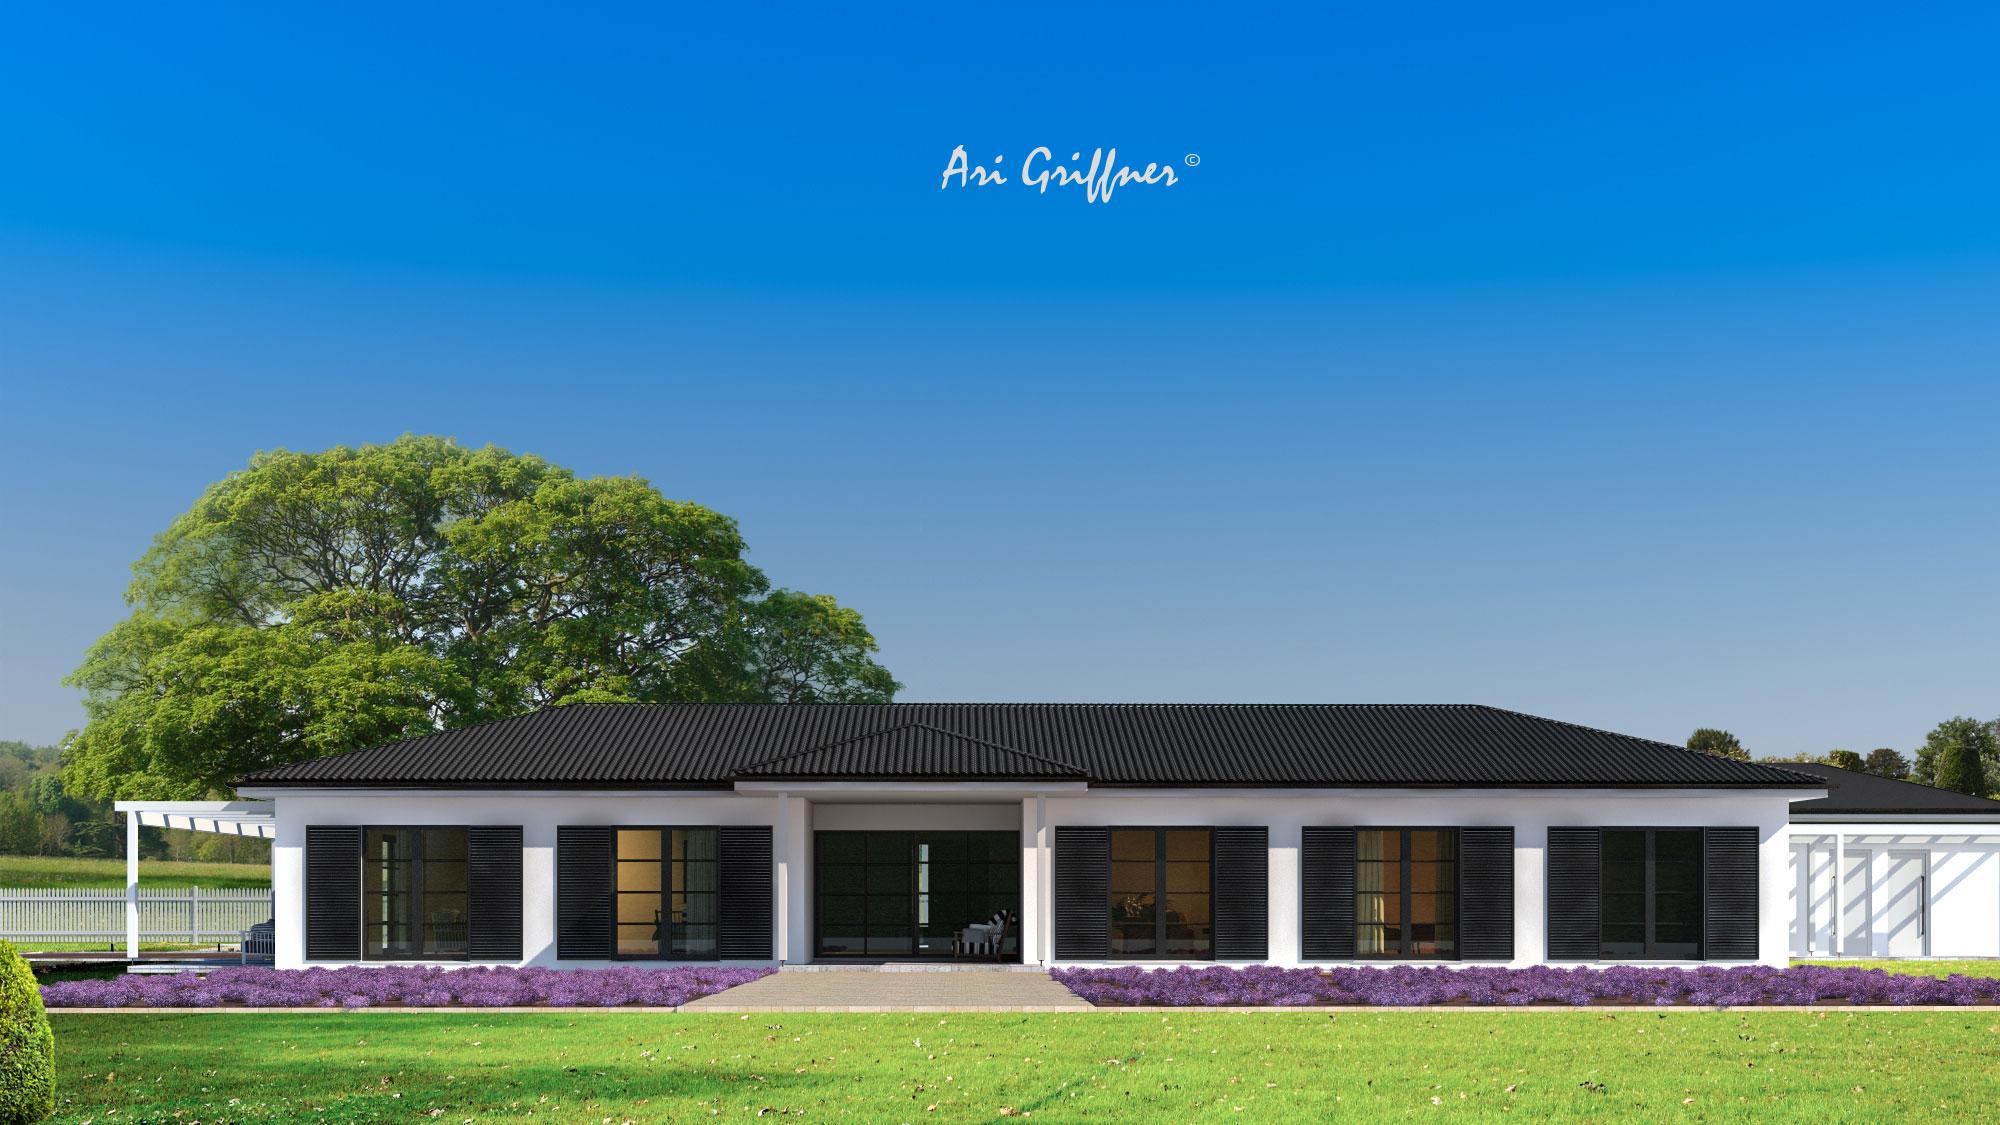 Rendering Long House in klassischem Design mit Walmdach und symmetrischer Fensteranordnung